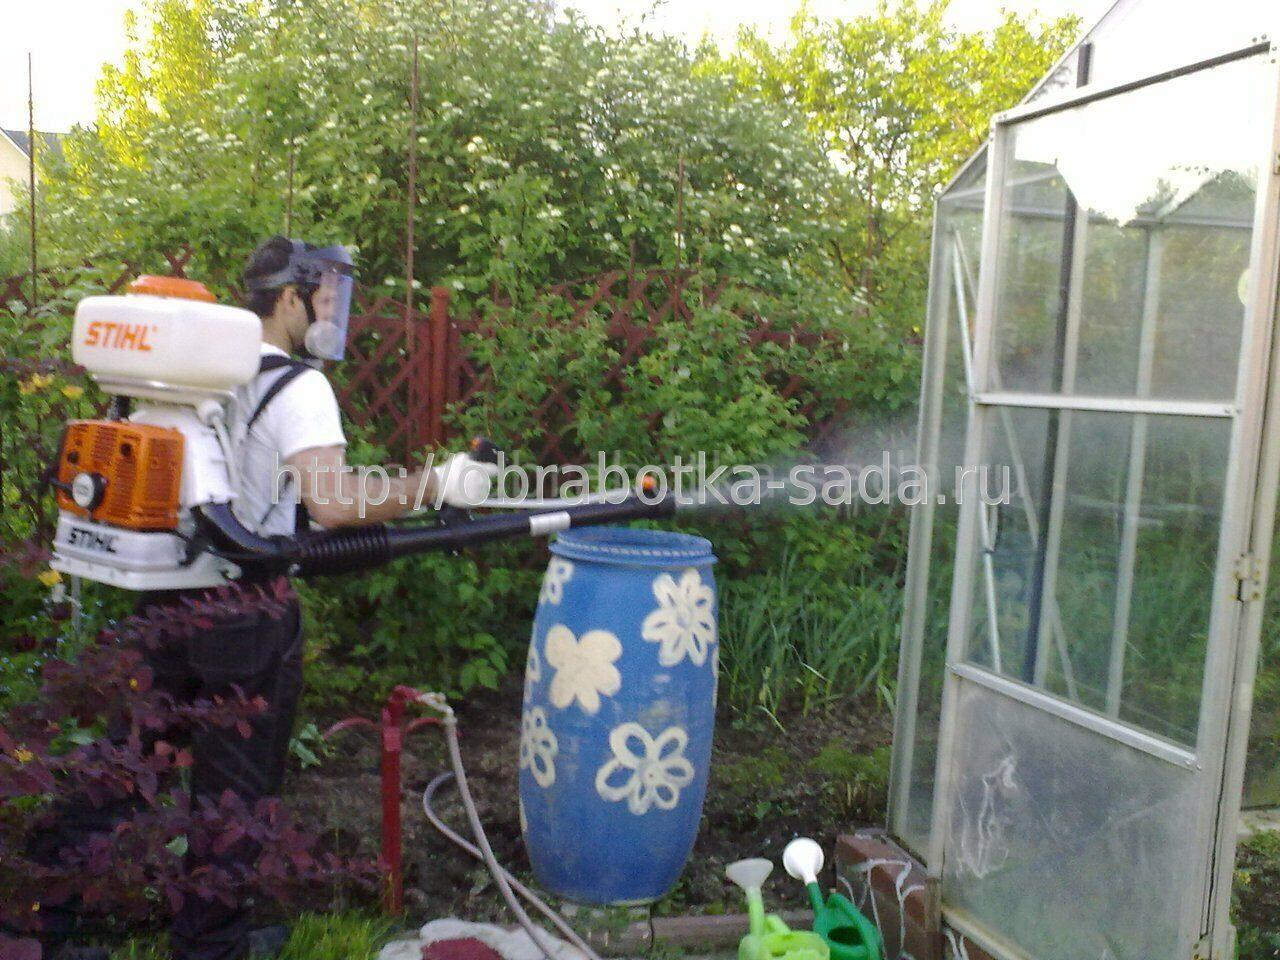 Приспособления для огорода своими руками фото